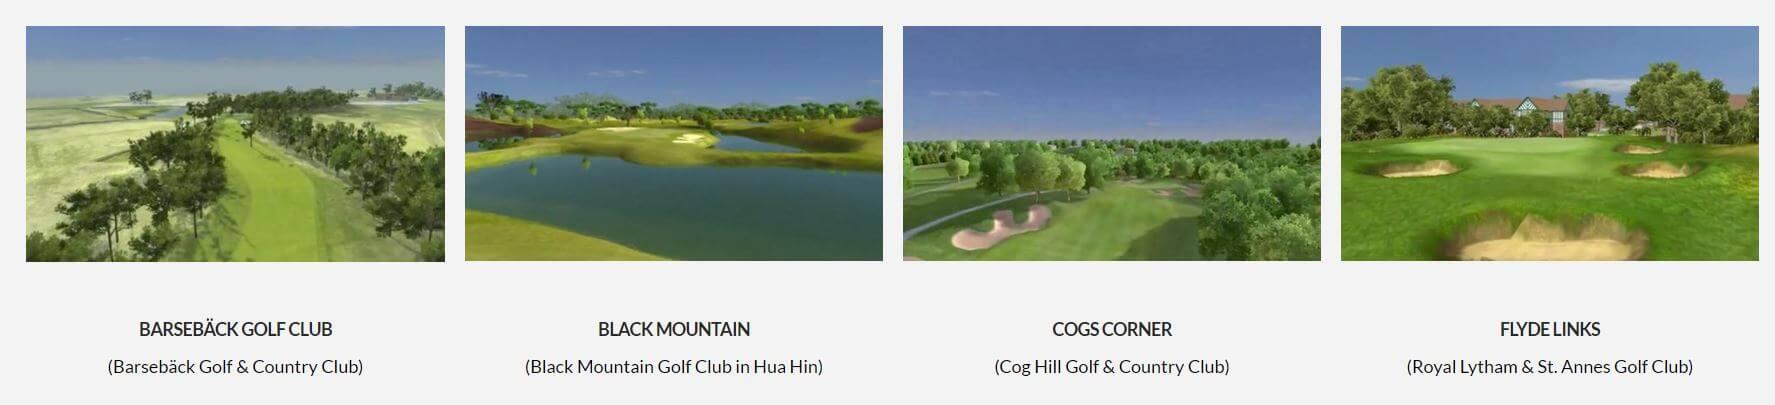 OptiShot Gold Courses